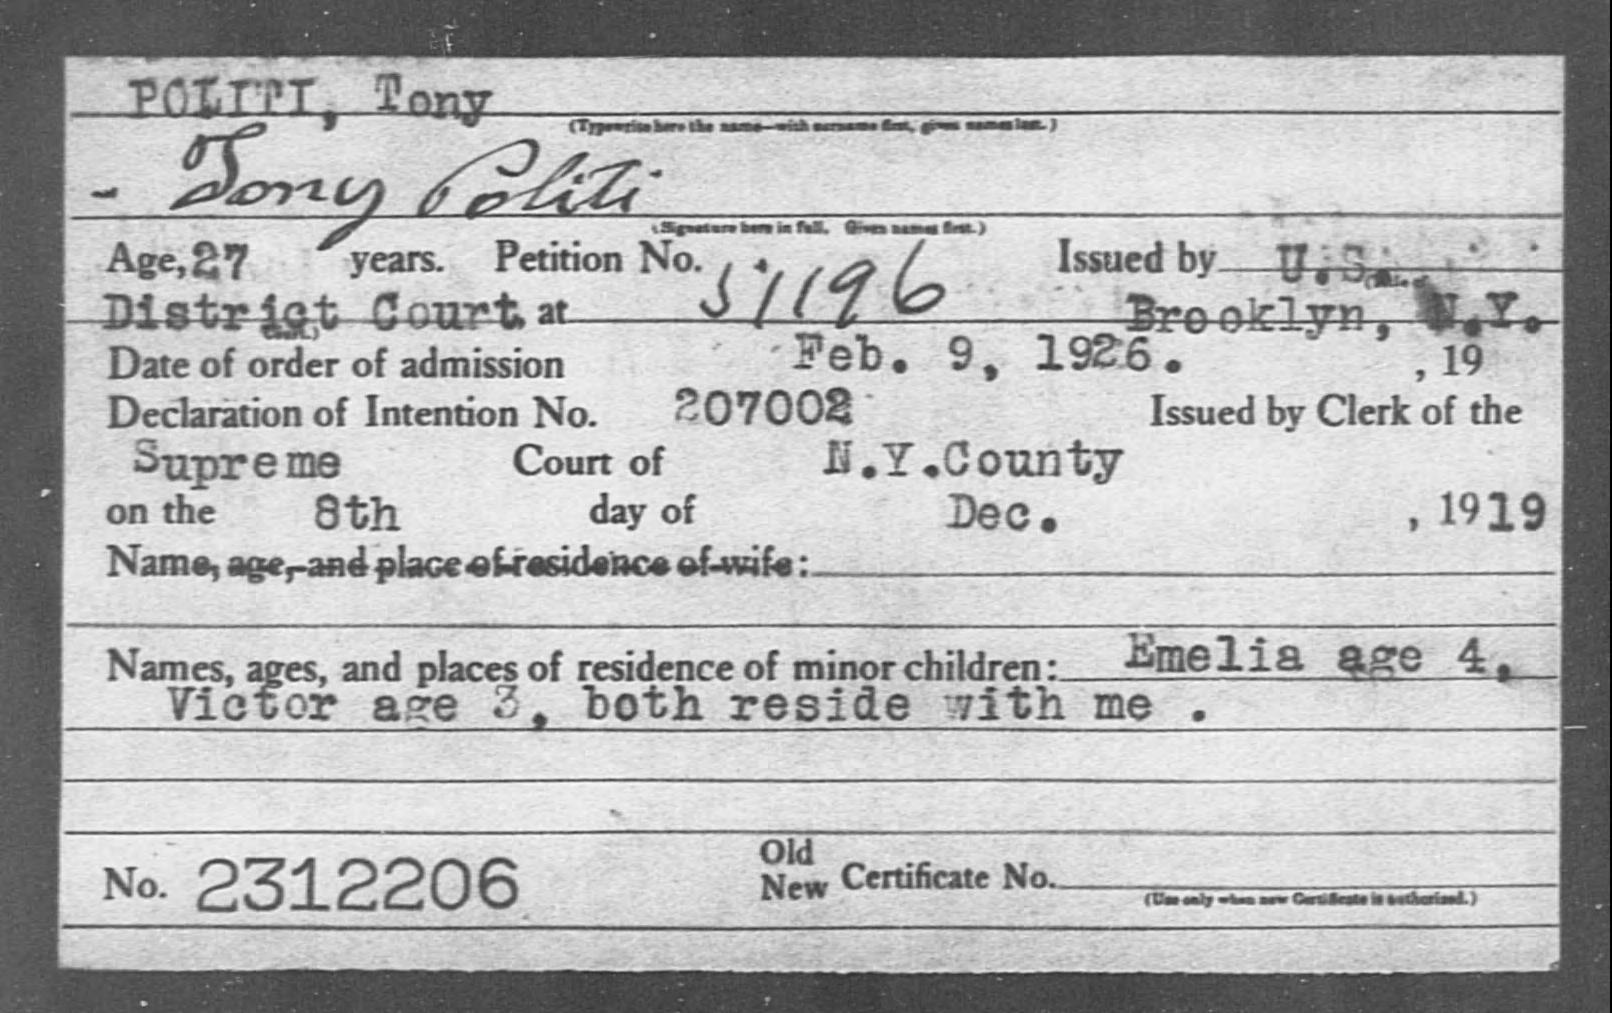 POLITI, Tony - Born: [BLANK], Naturalized: 1926